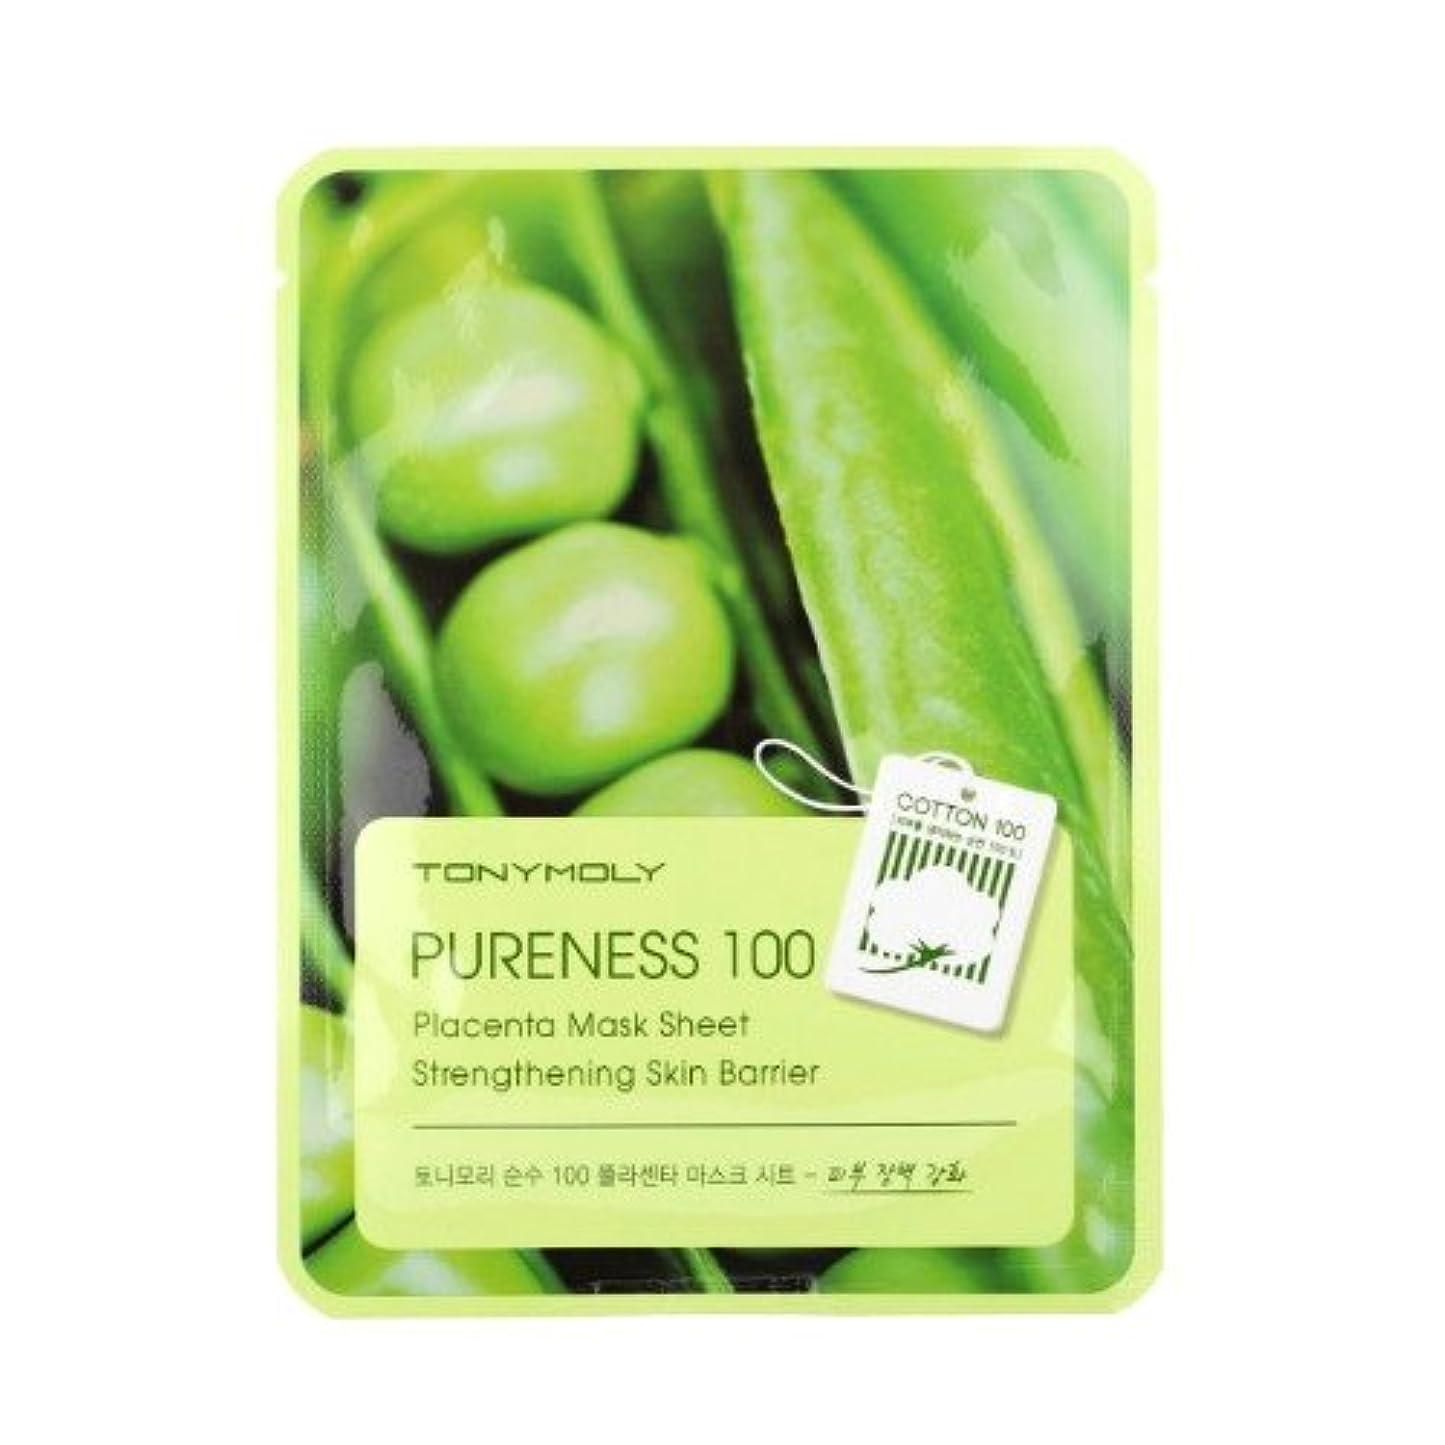 アーチ提案状態(3 Pack) TONYMOLY Pureness 100 Placenta Mask Sheet Strengthening Skin Barrier (並行輸入品)